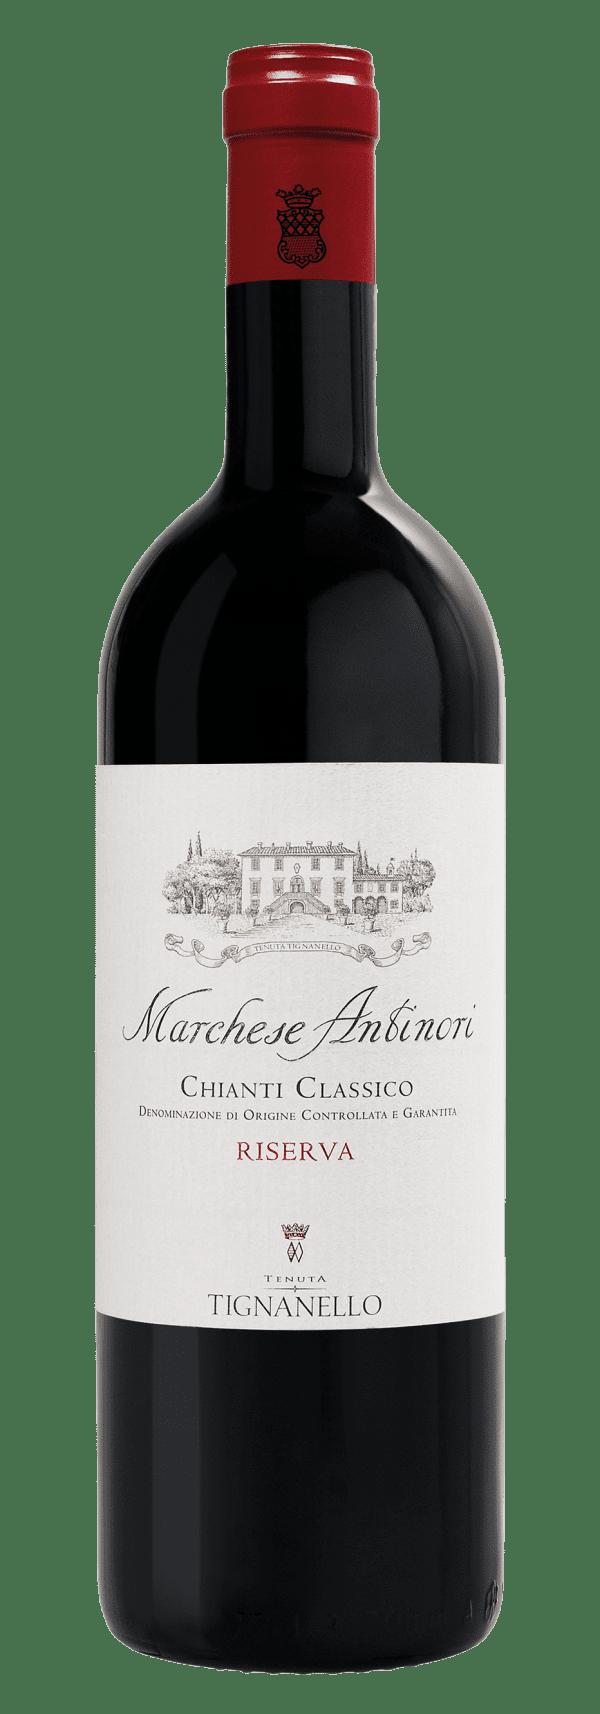 Bottiglia-_0028_Marchese-Aantinori-chianti-classico-riserva-1